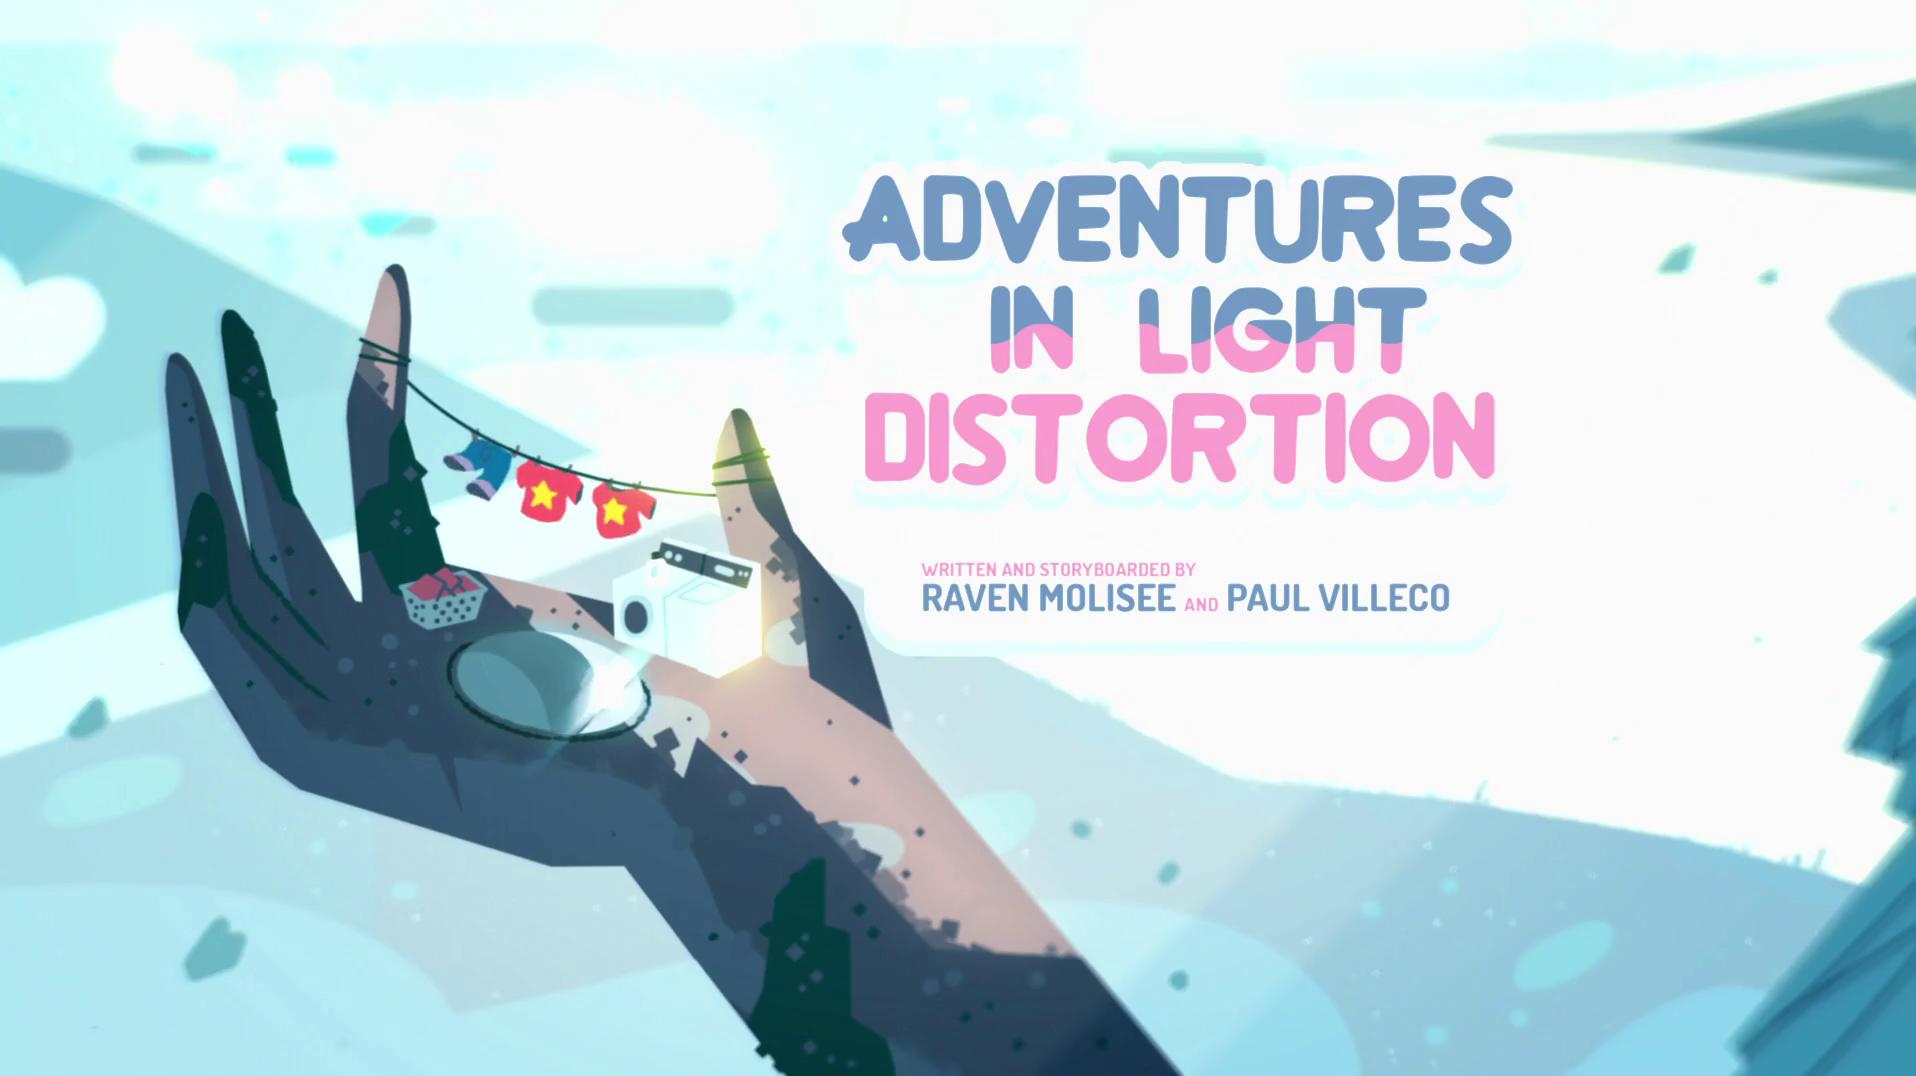 Steven Universo - Aventuras com Distorção de luz